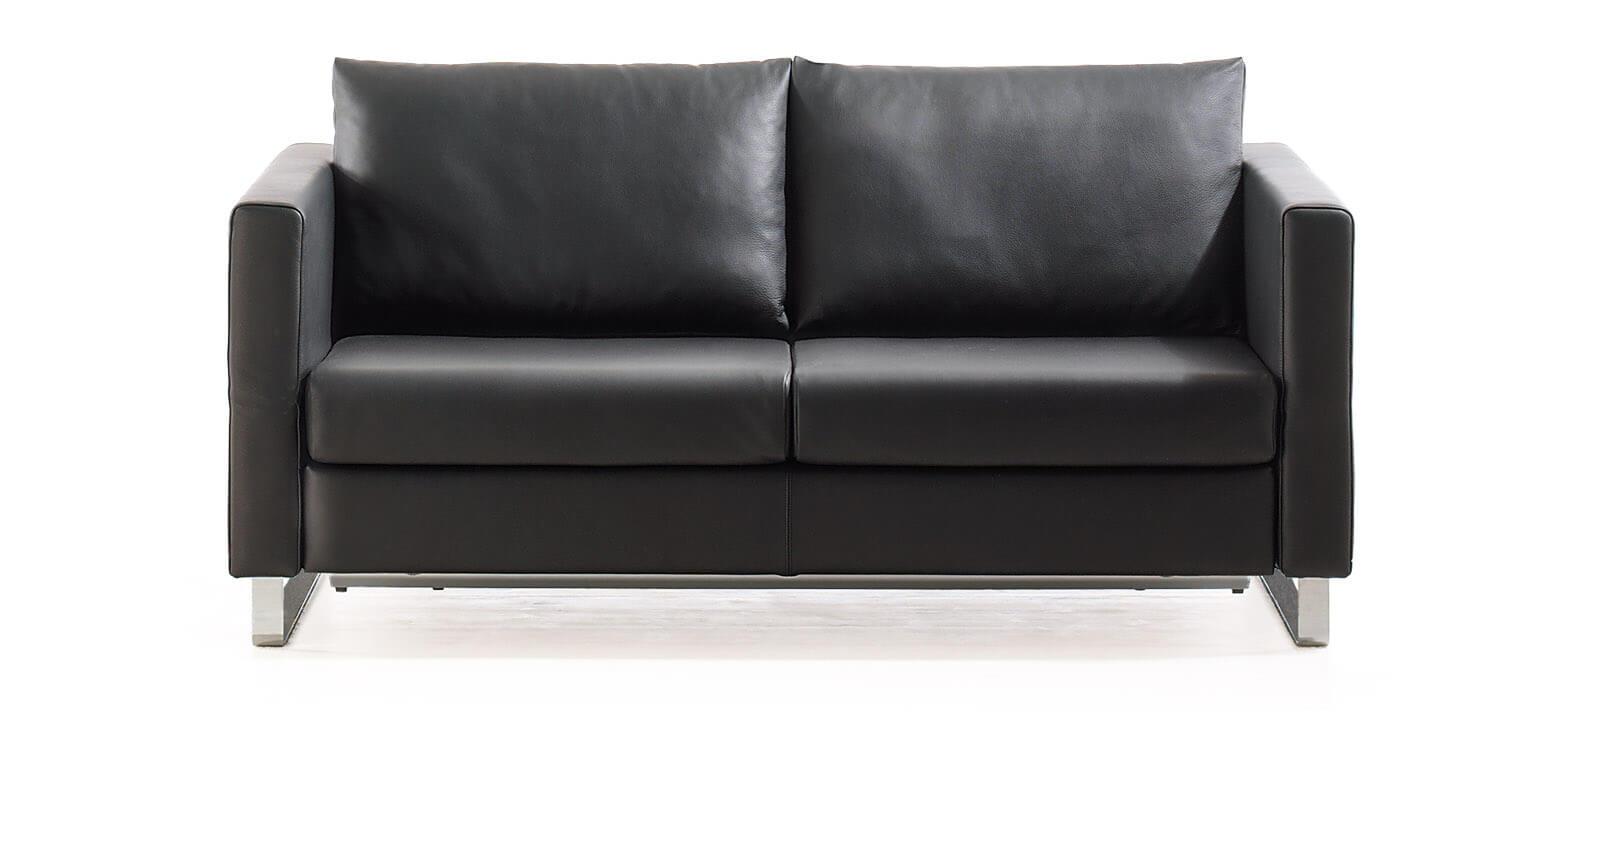 schlafsofa intro von franz fertig. Black Bedroom Furniture Sets. Home Design Ideas